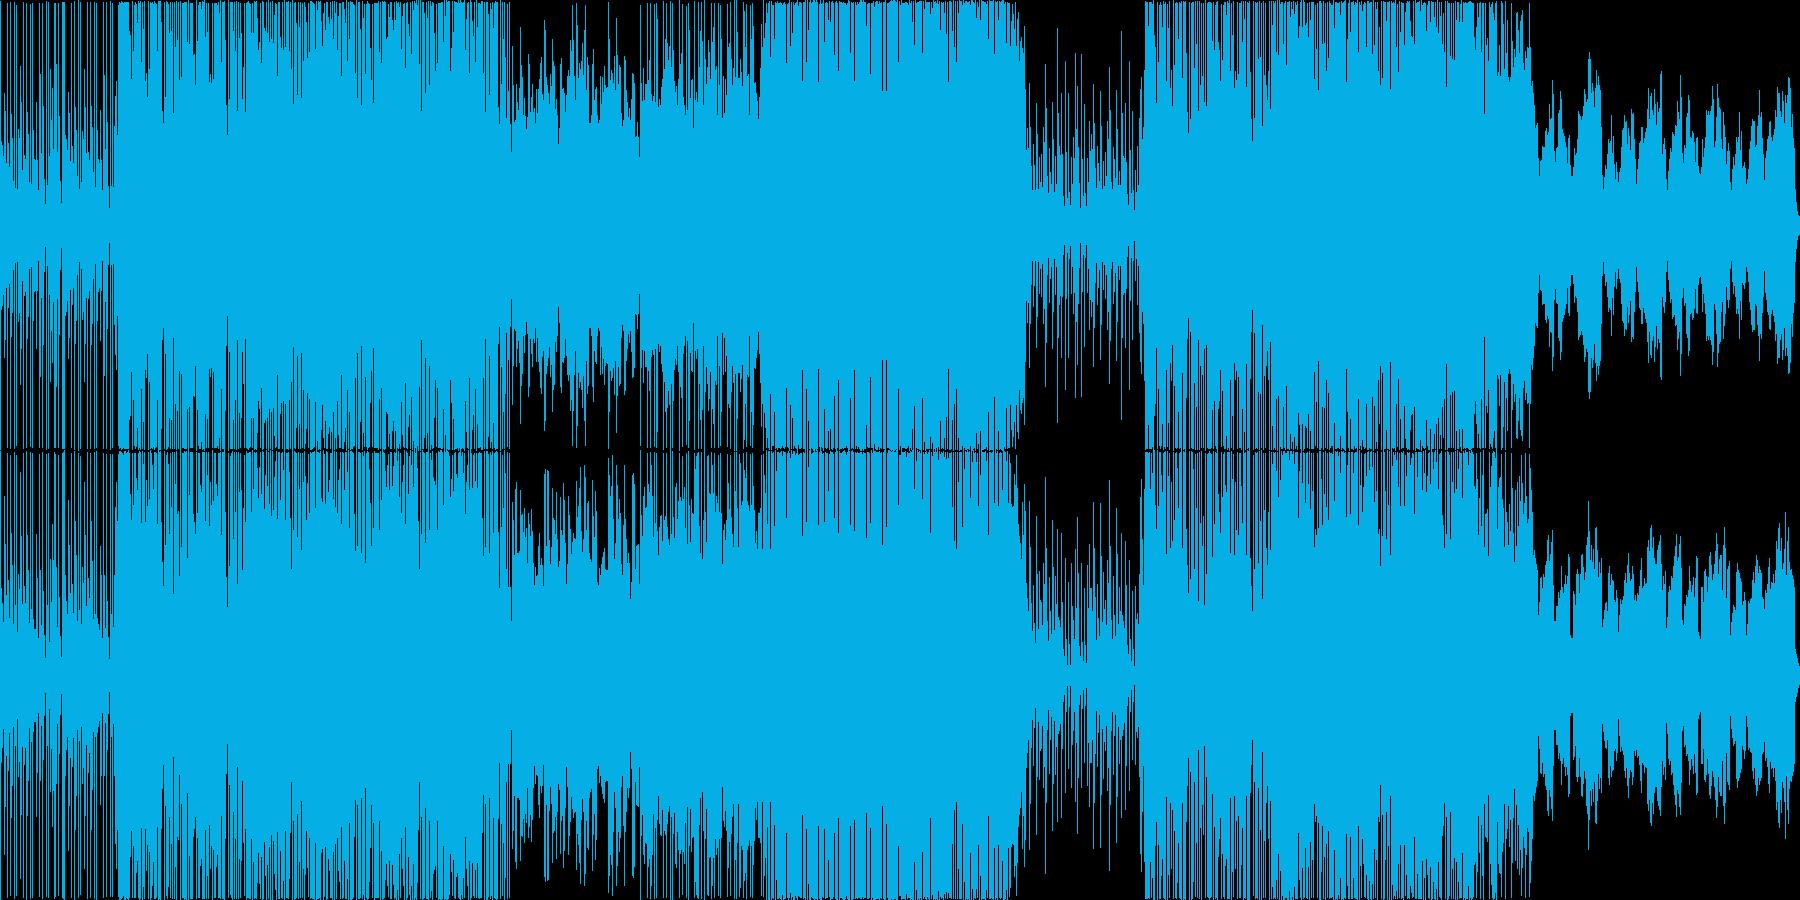 せつない、花が舞うような、ピアノの再生済みの波形